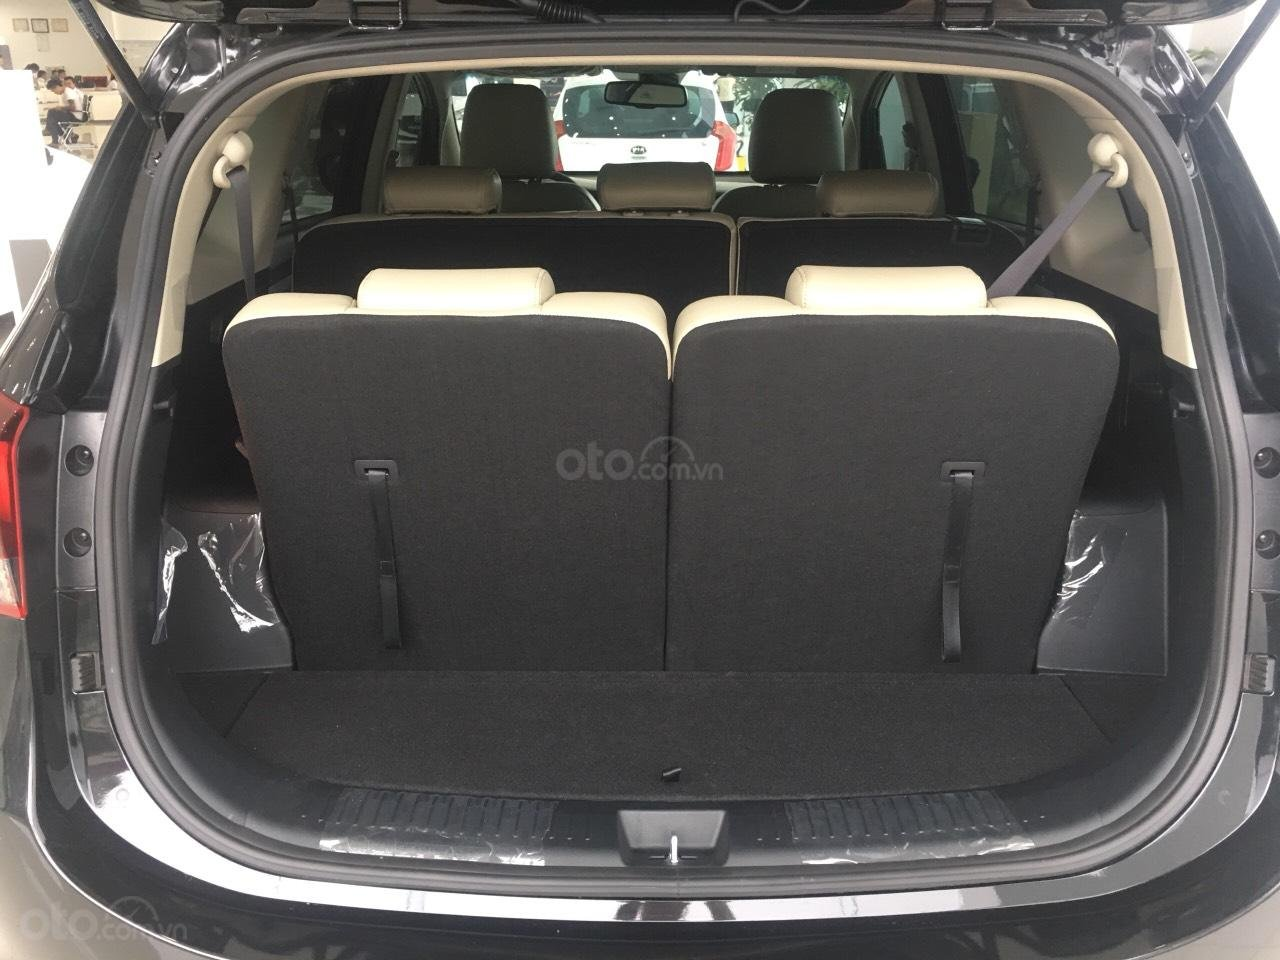 Kia Rondo 2020 - ưu đãi lớn - giá từ 559 tr- trả trước từ 158 tr đủ màu - hỗ trợ trả góp đến 85% (4)